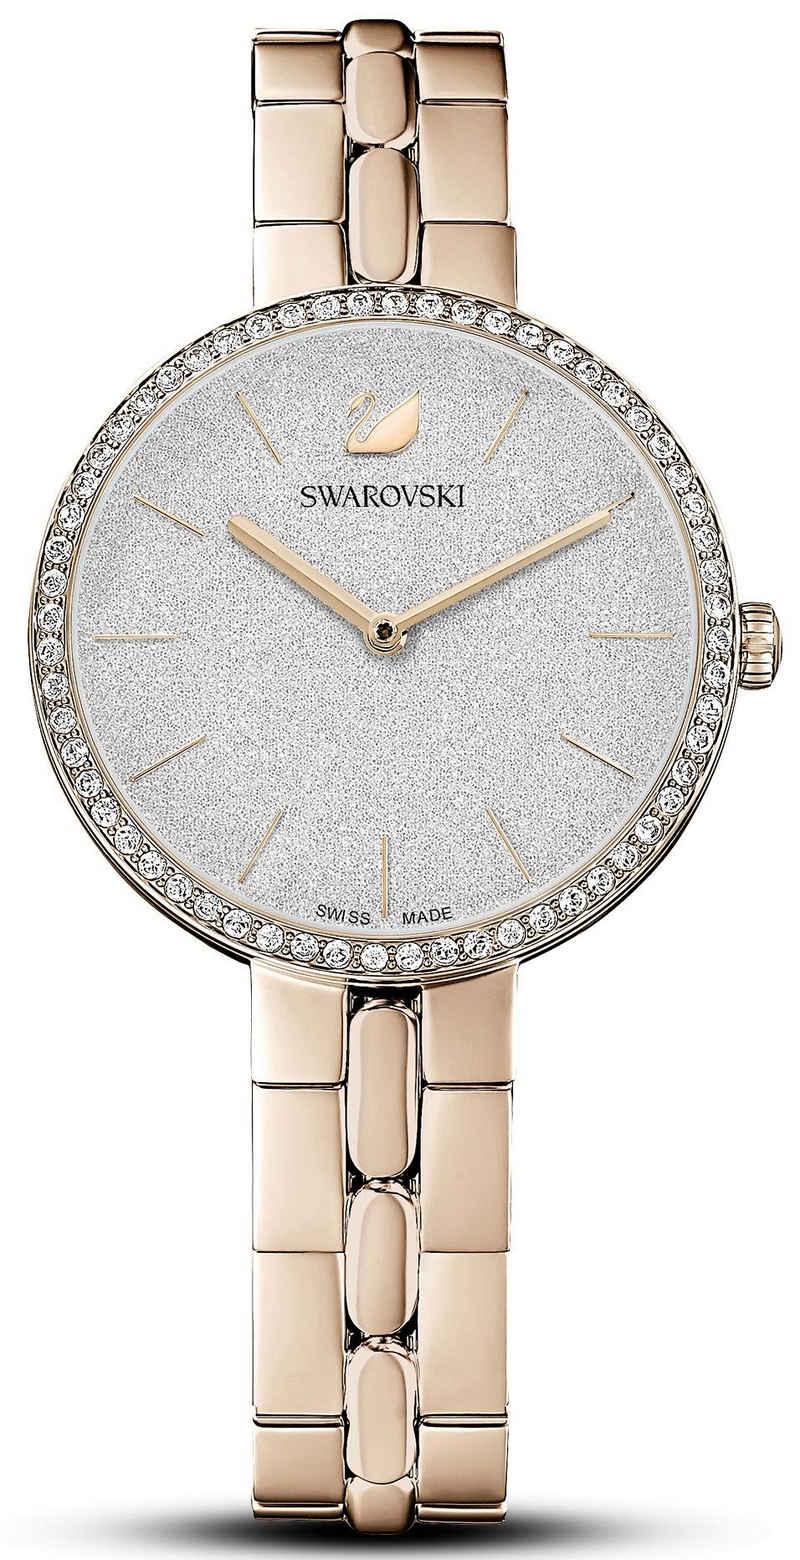 Swarovski Schweizer Uhr »COSMOPOLITAN, 5517794«, Zifferblatt mit Glitzerlack